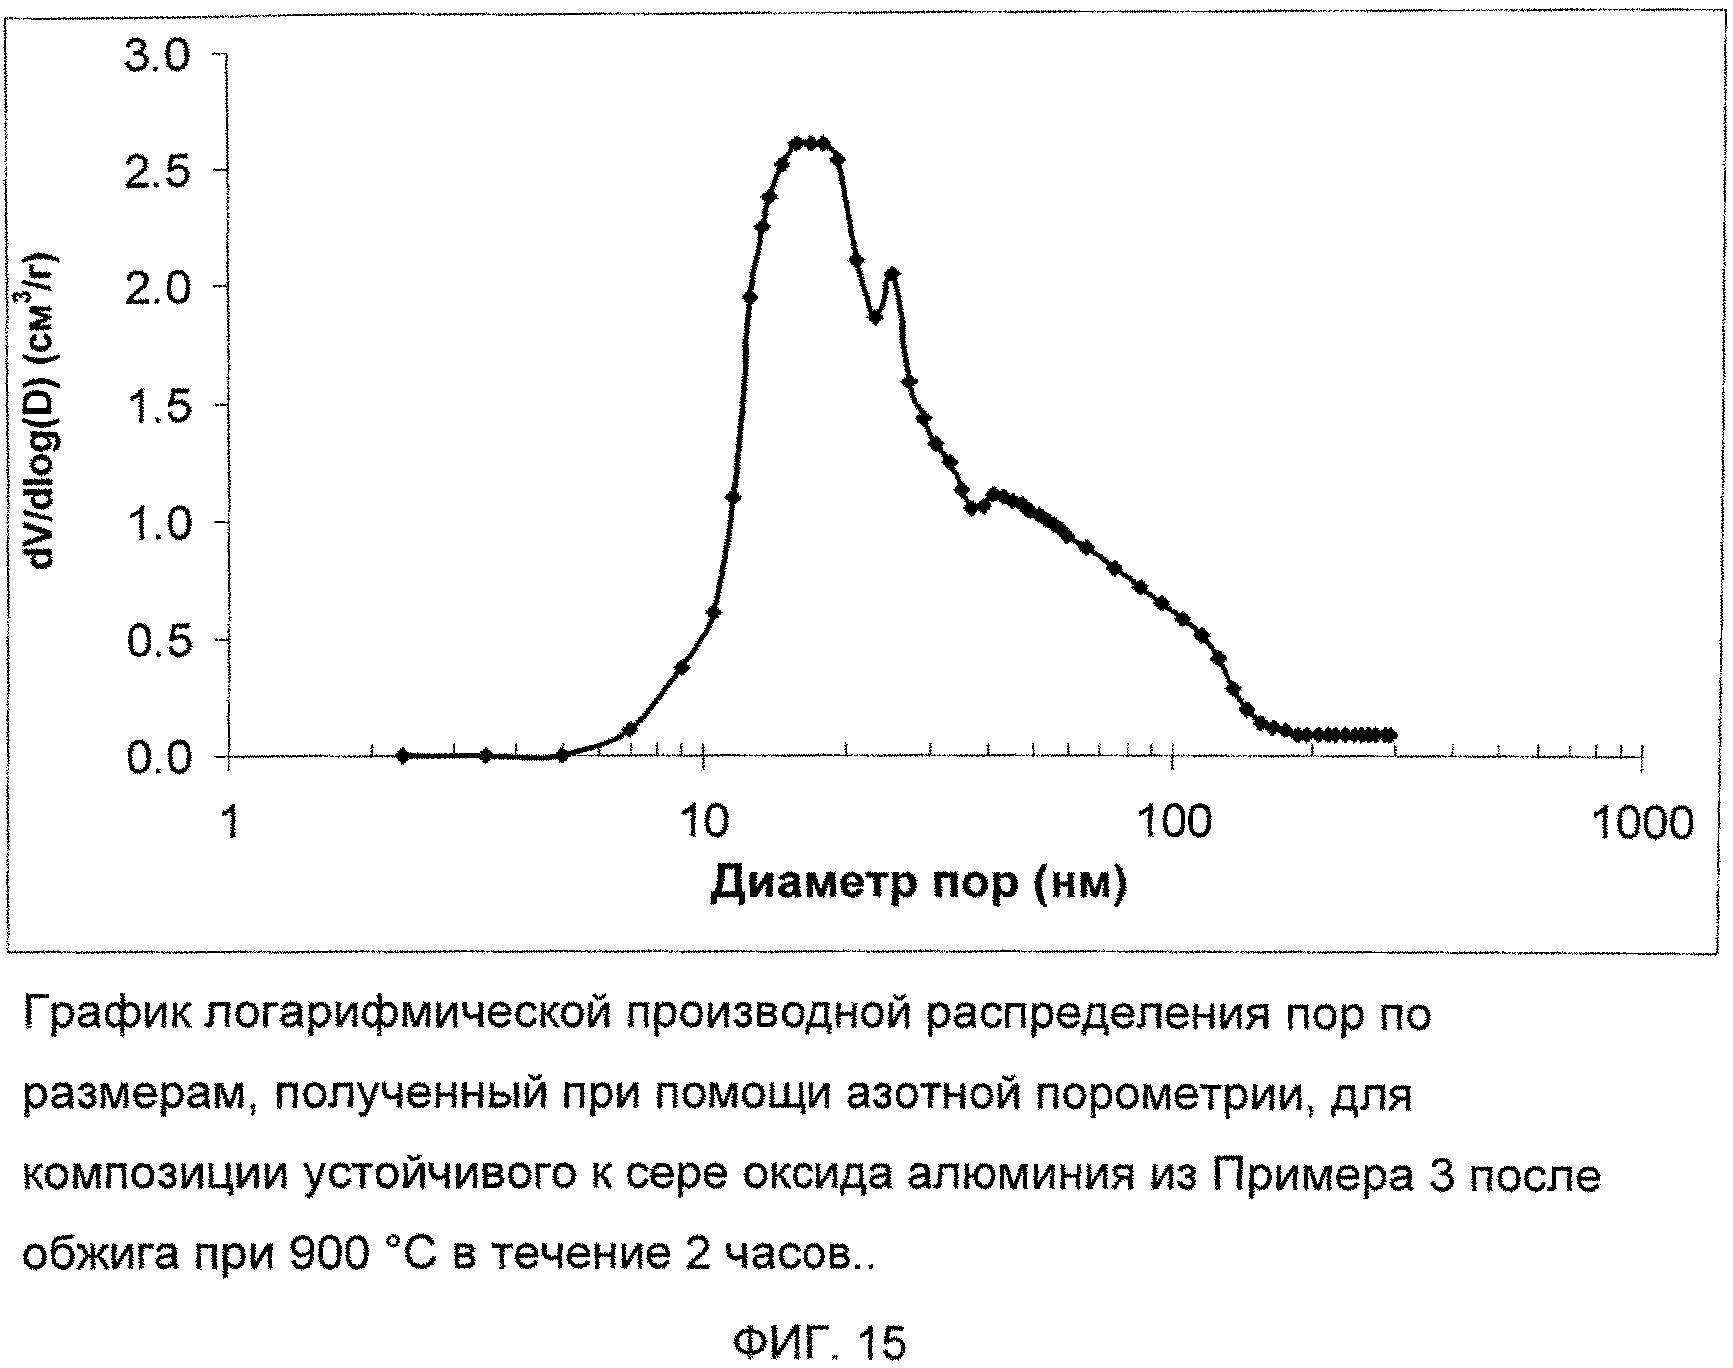 Подложка катализатора из оксида алюминия